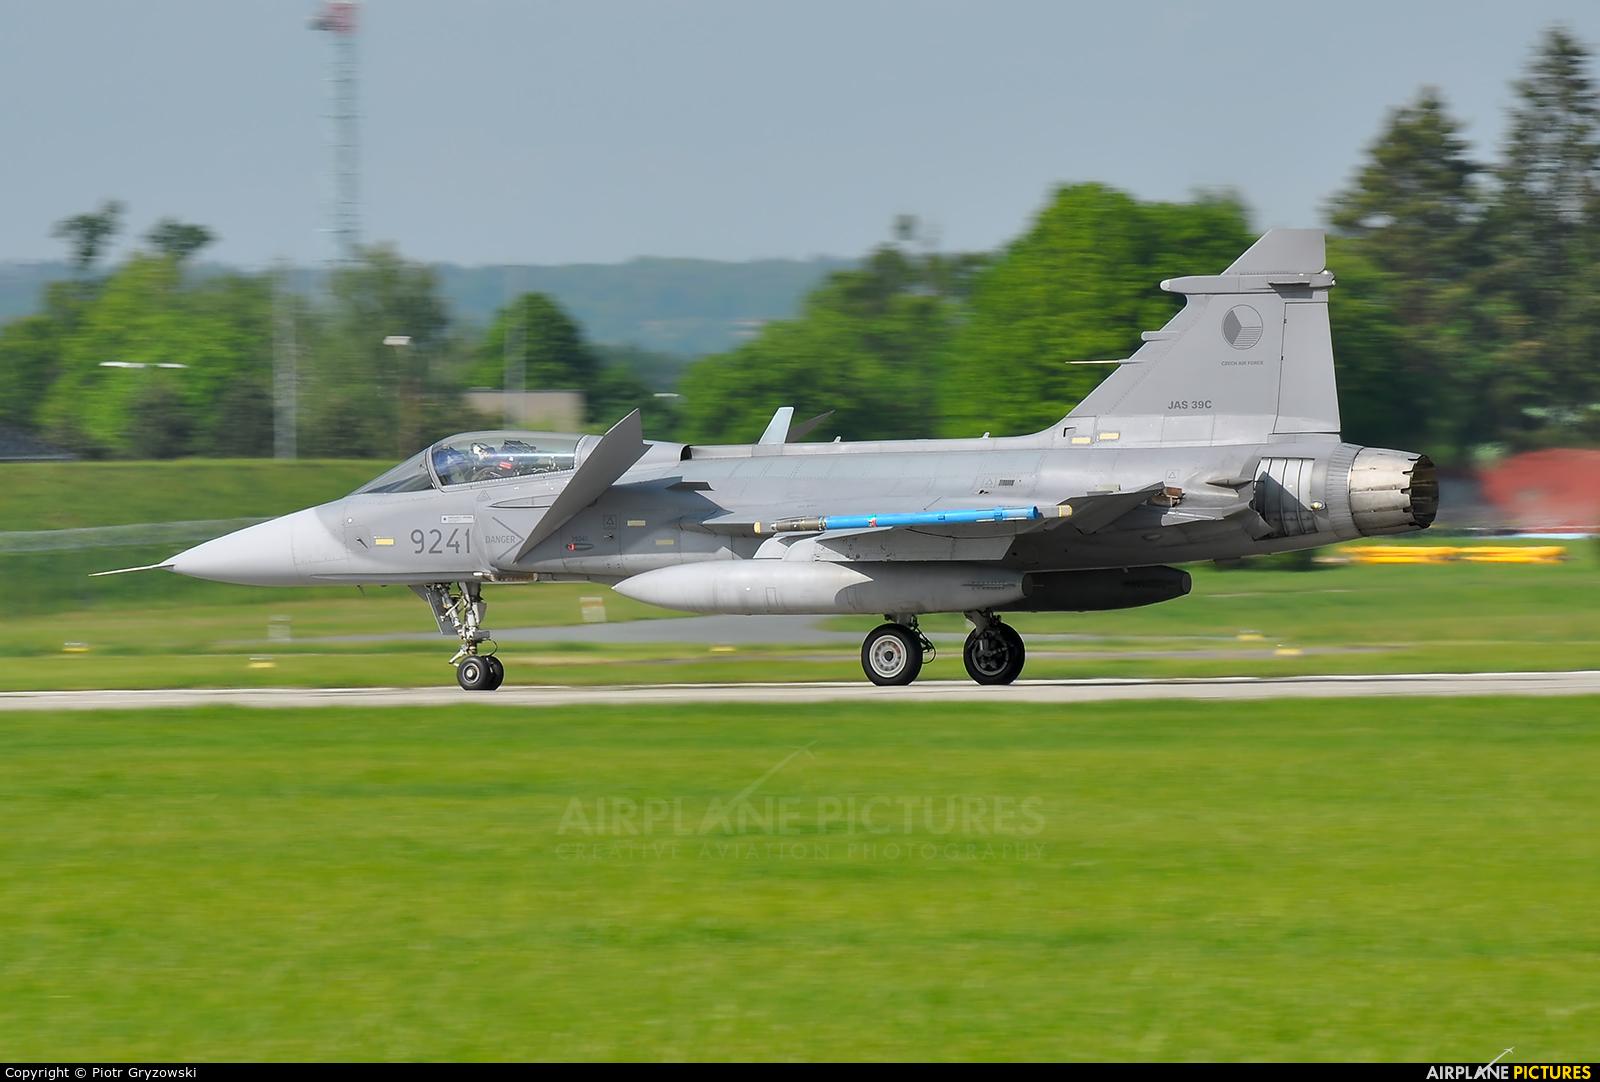 Czech - Air Force 9241 aircraft at Čáslav